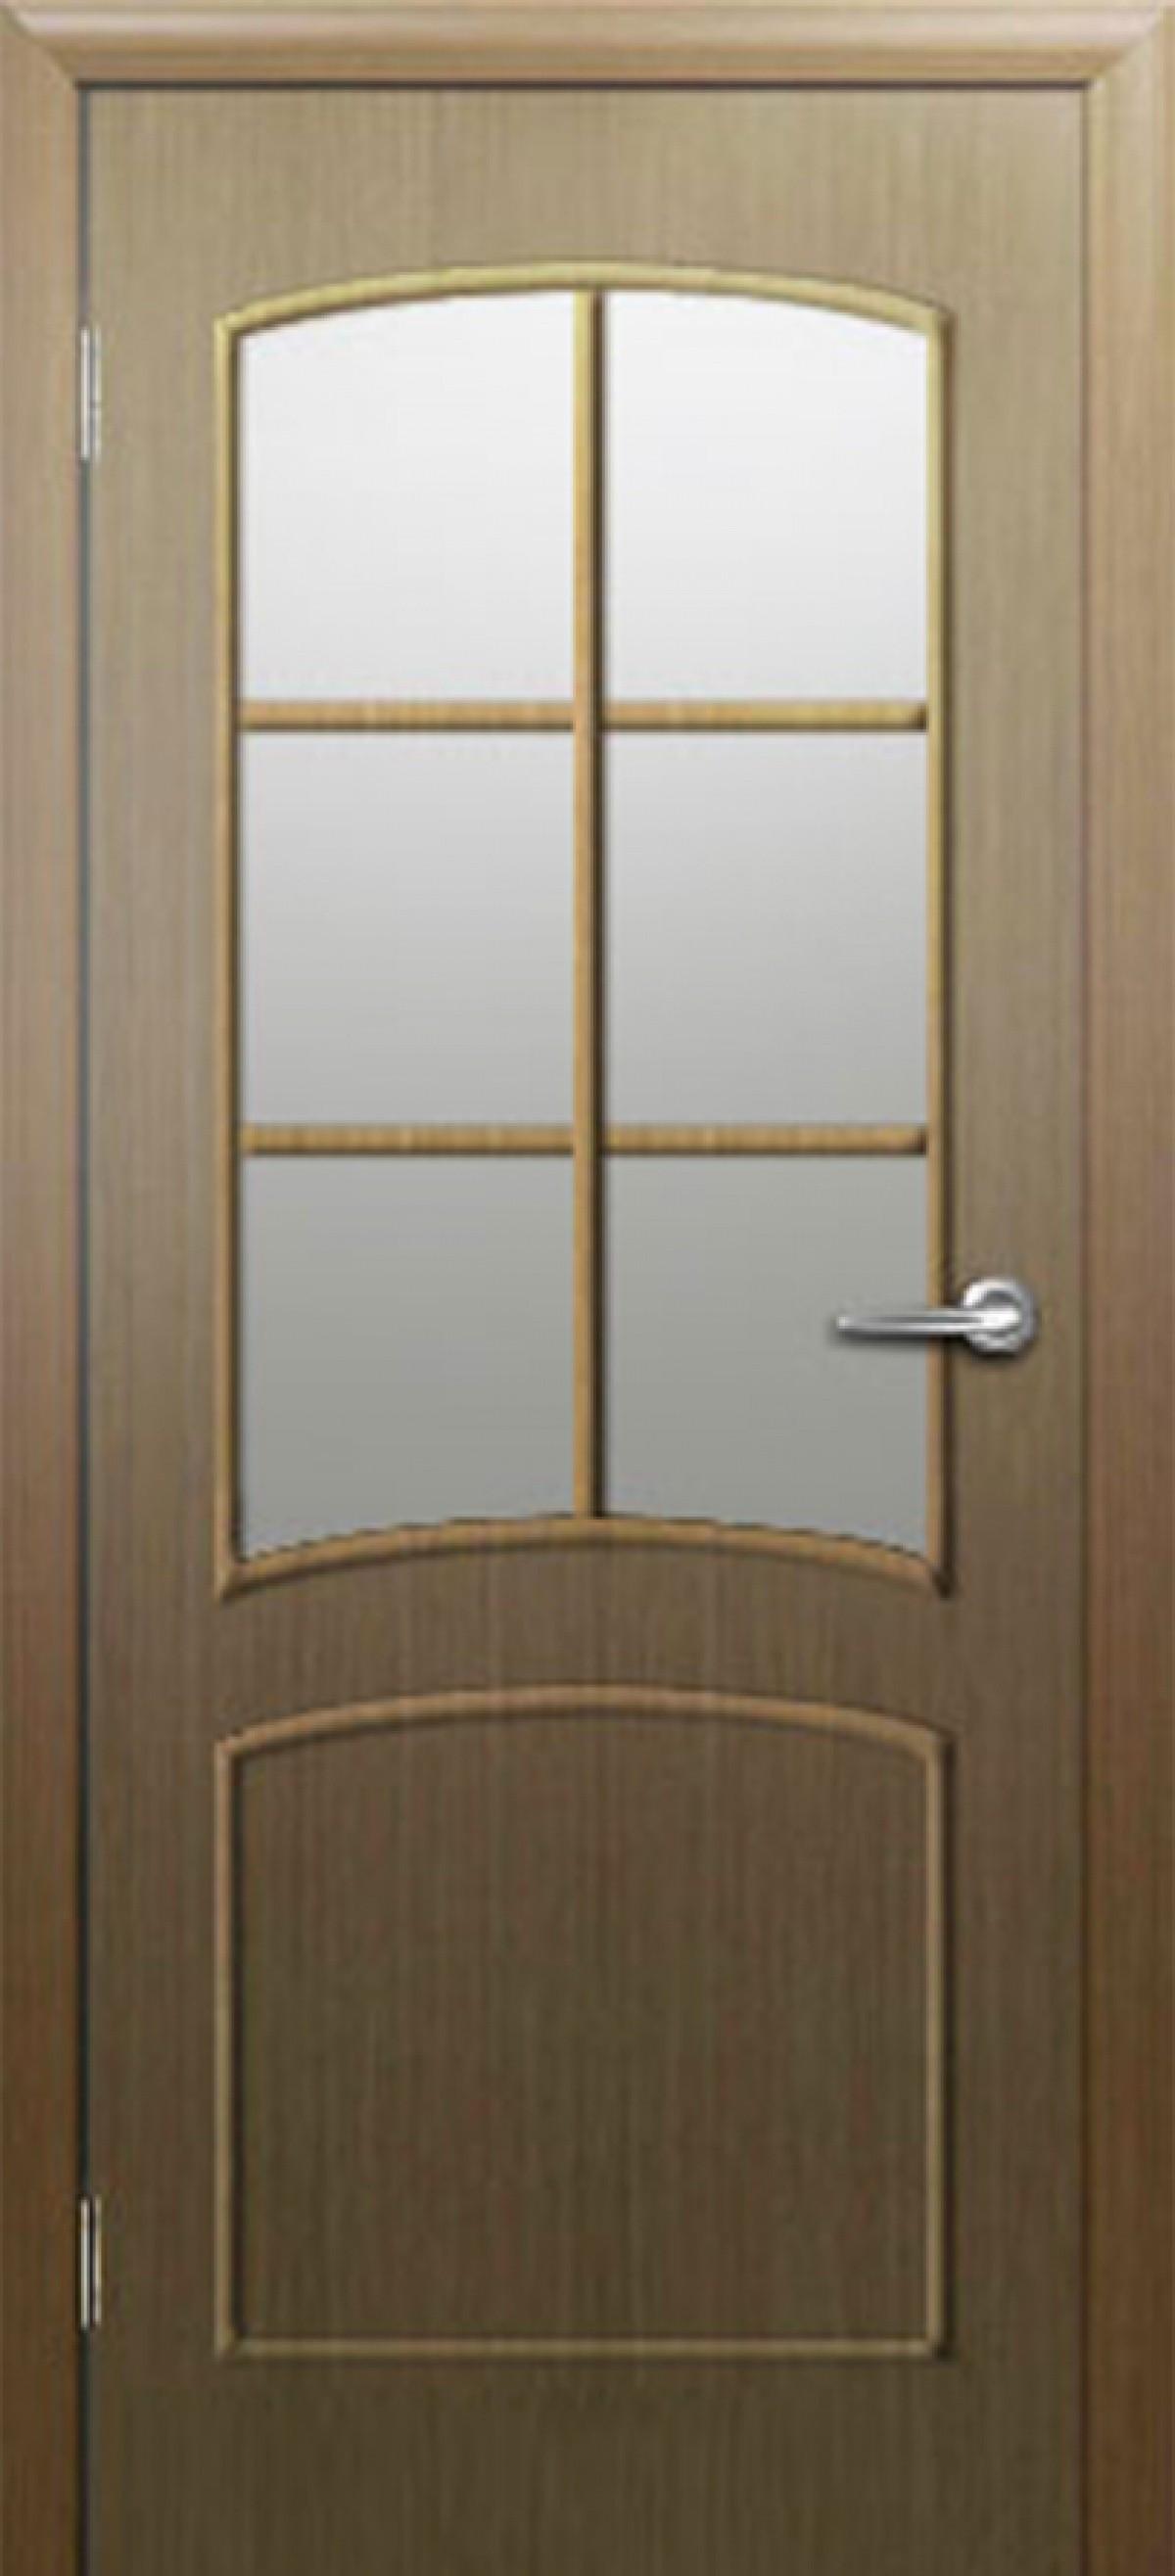 Ламинированная дверь Восход Соренто 6 ДО Дуб стекло Морган 2000x900 (ПОСЛЕДНИЙ РАЗМЕР ПО АКЦИИ)